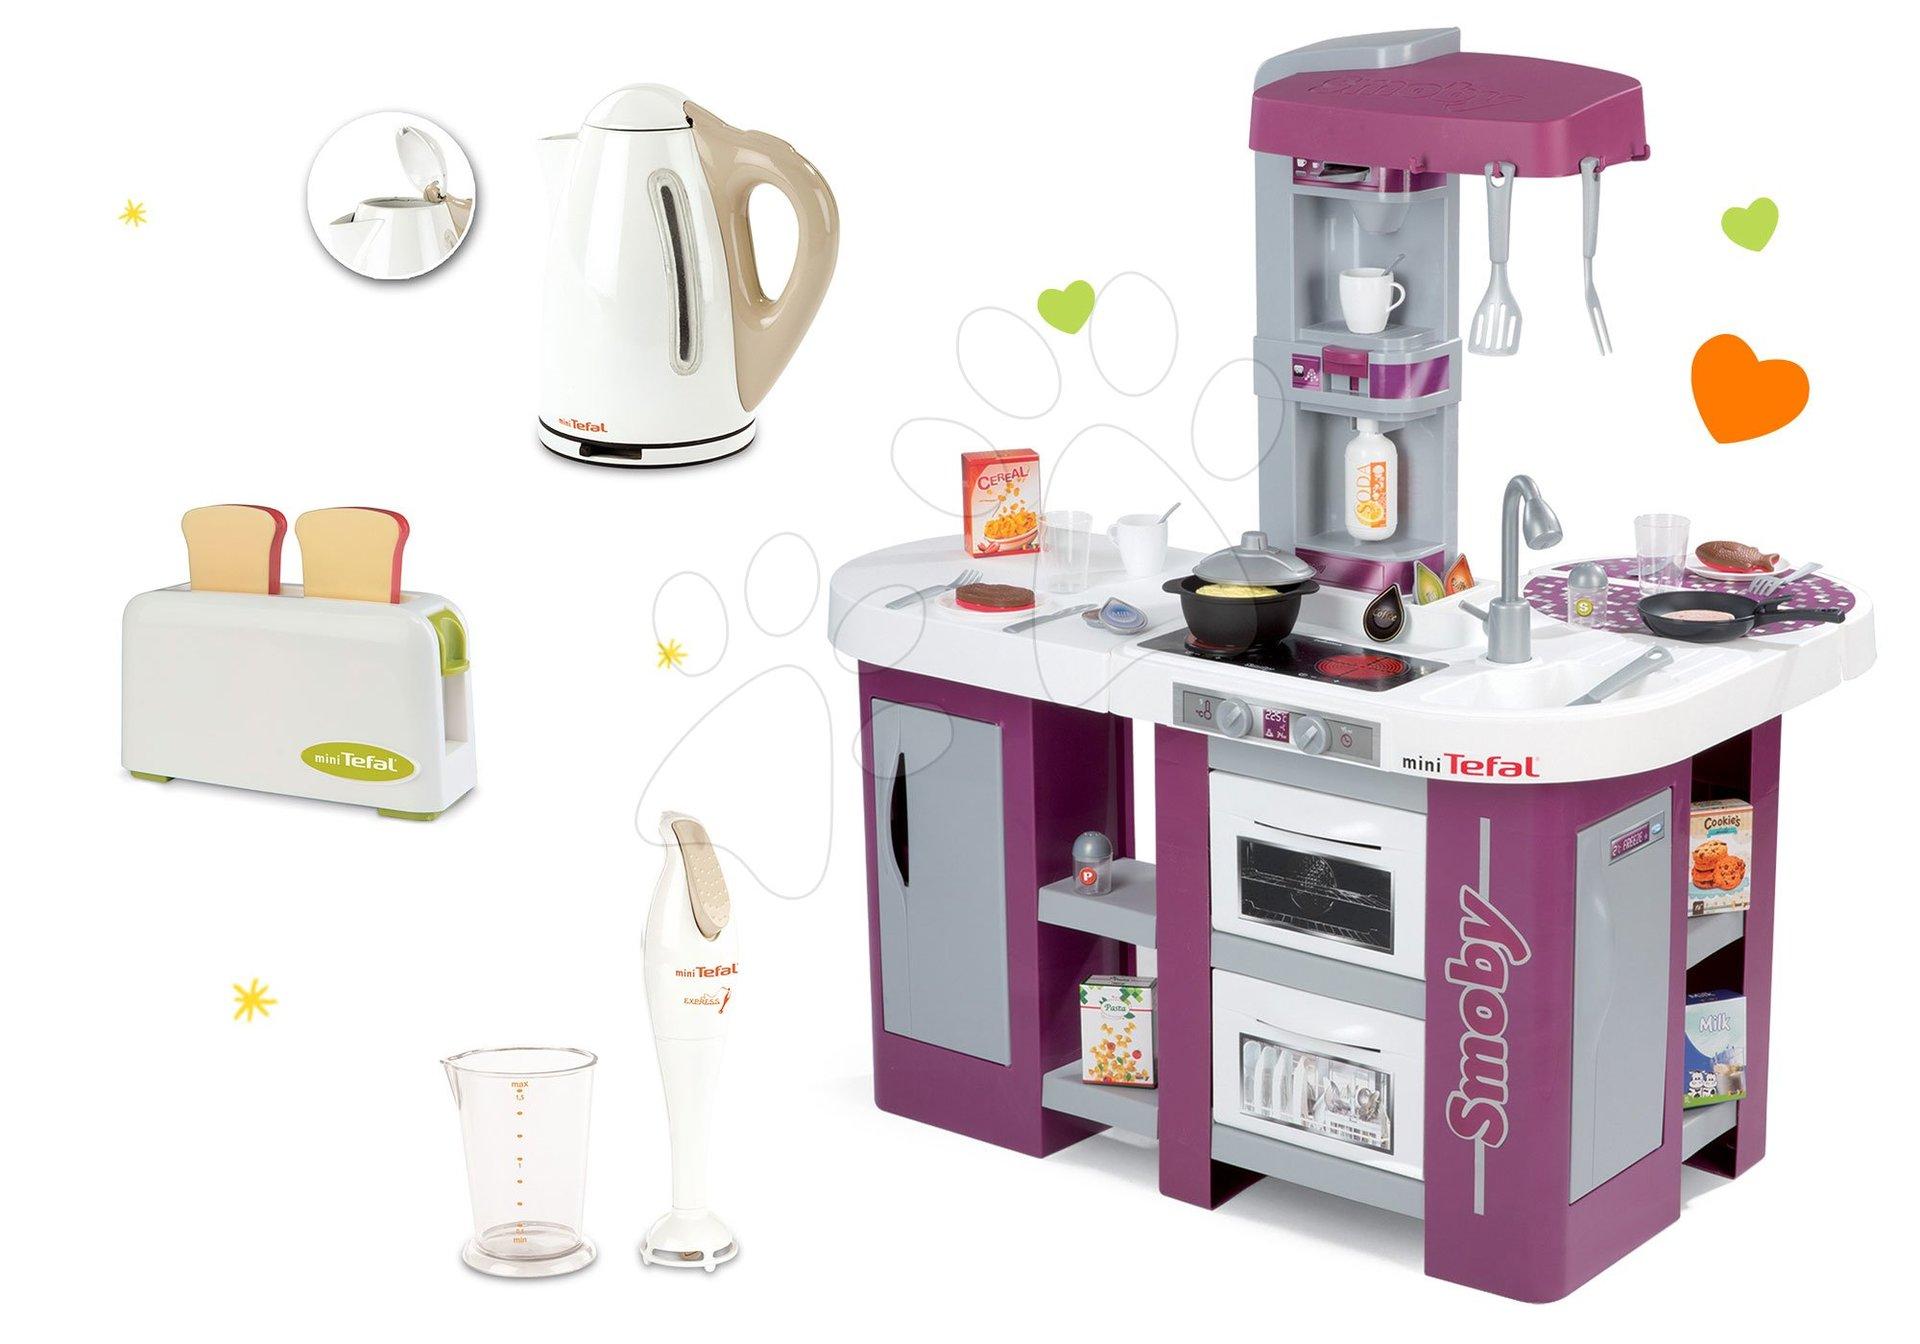 Kuchynky pre deti sety - Set kuchynka Tefal Studio XL Smoby s umývačkou riadu a chladničkou a 3 kuchynské spotrebiče